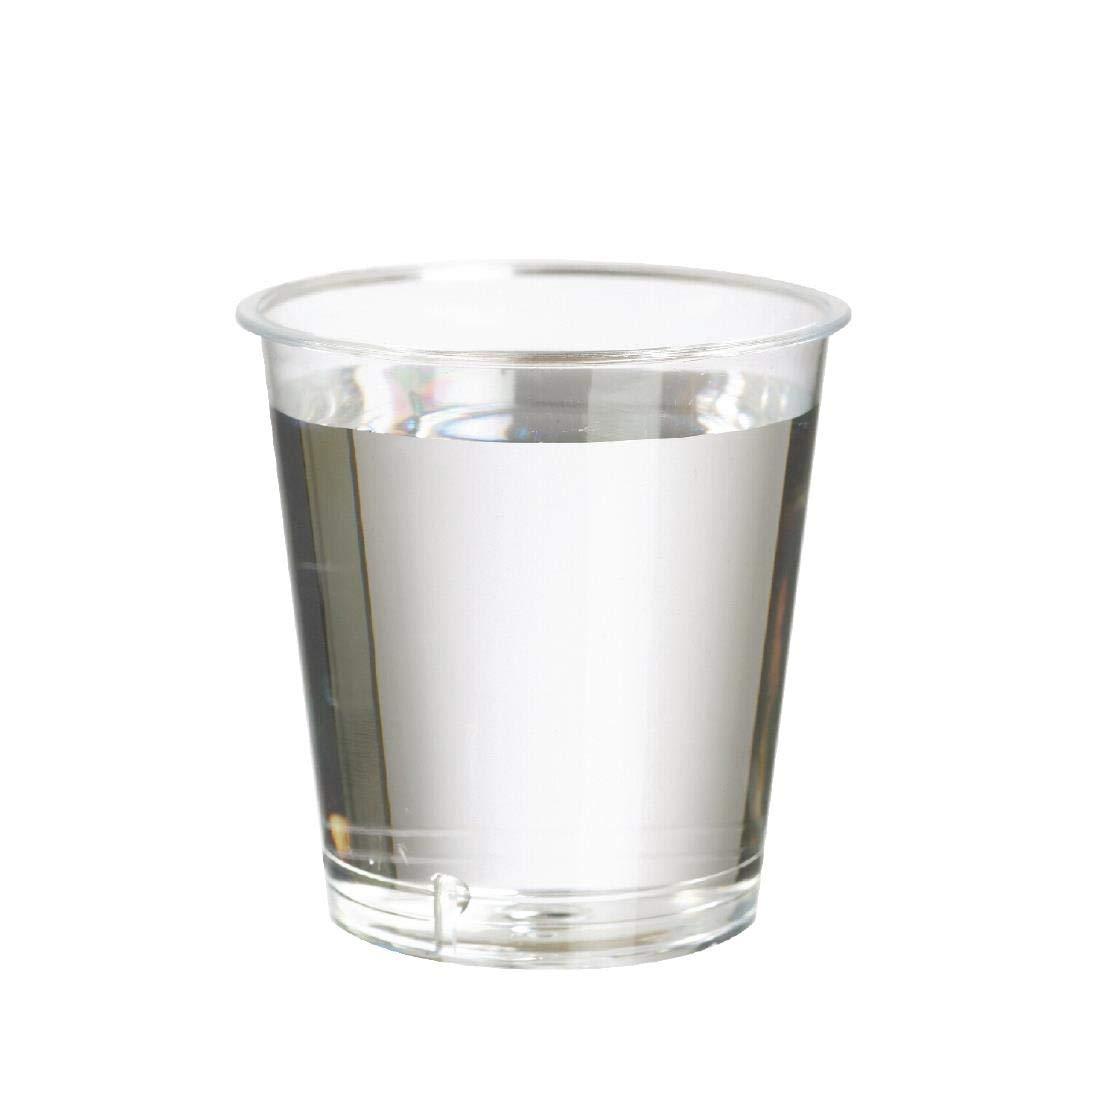 Paquete de: 1000 Vaso de chupito desechable Plastico